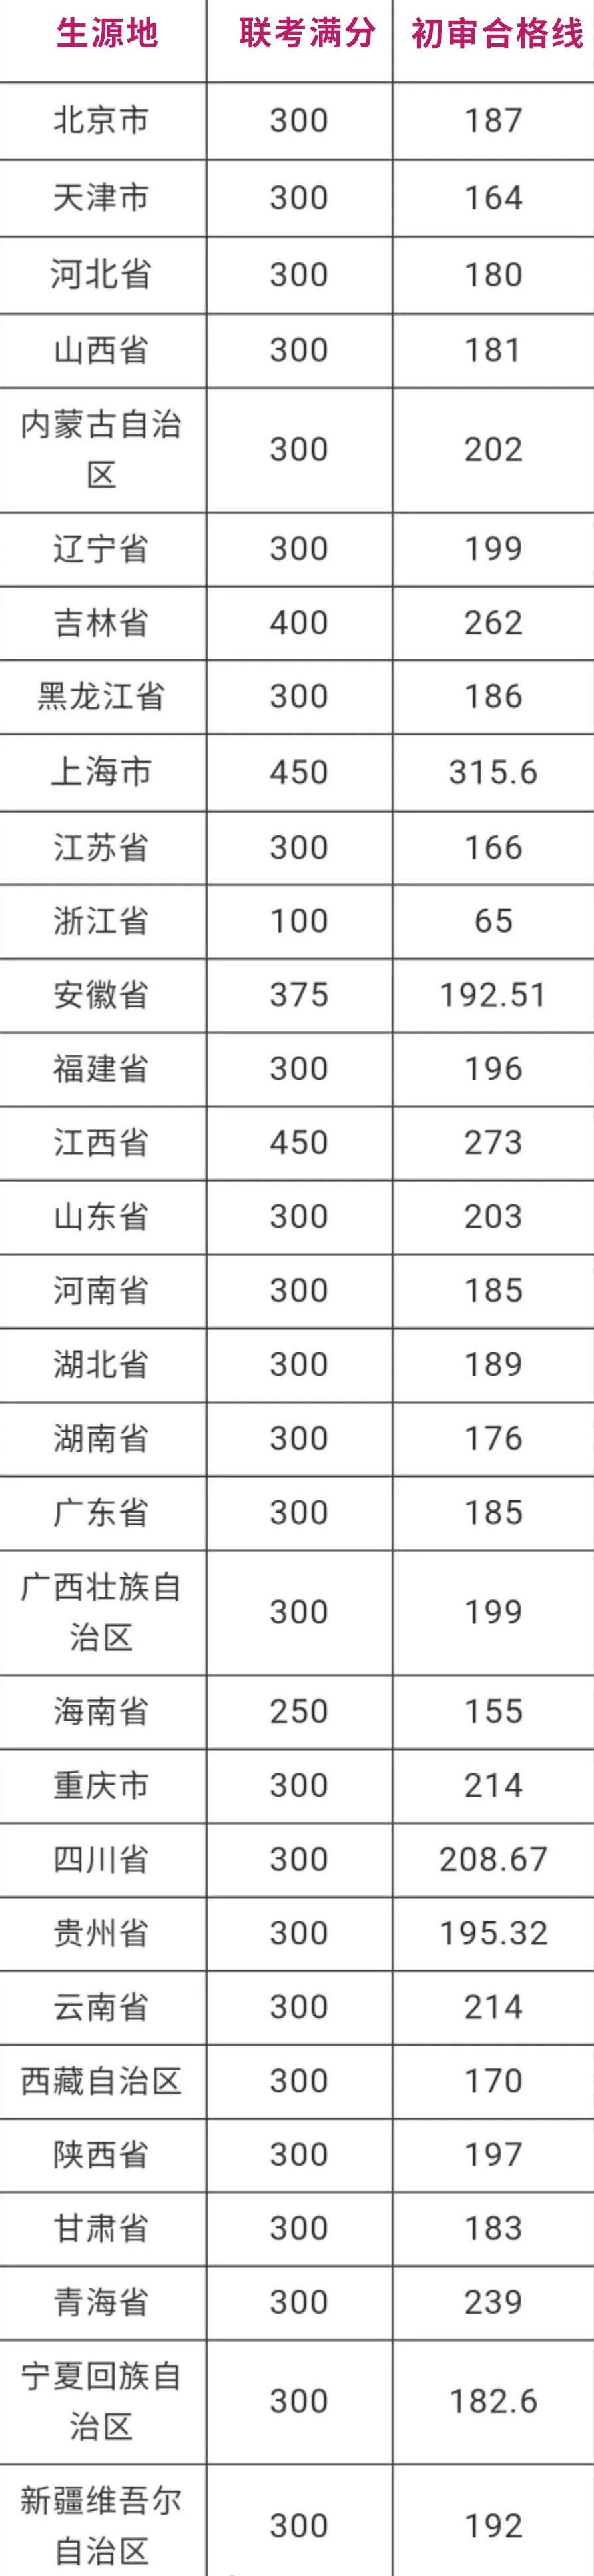 2020年中央美术学院本科联考分数和初审合格线